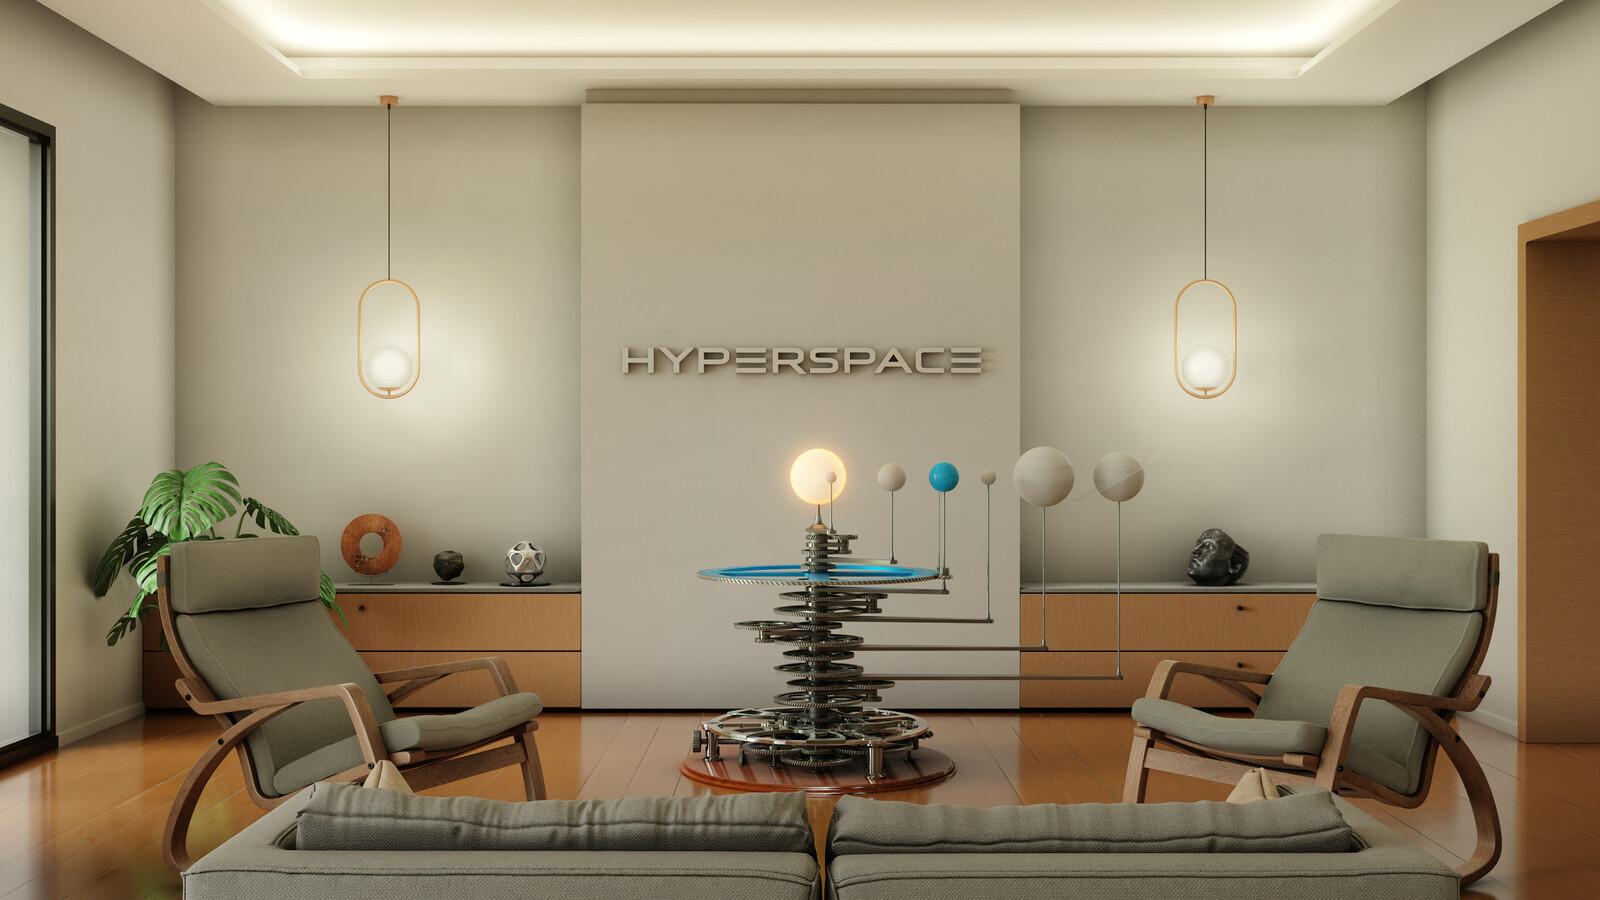 HyperspaceVR room